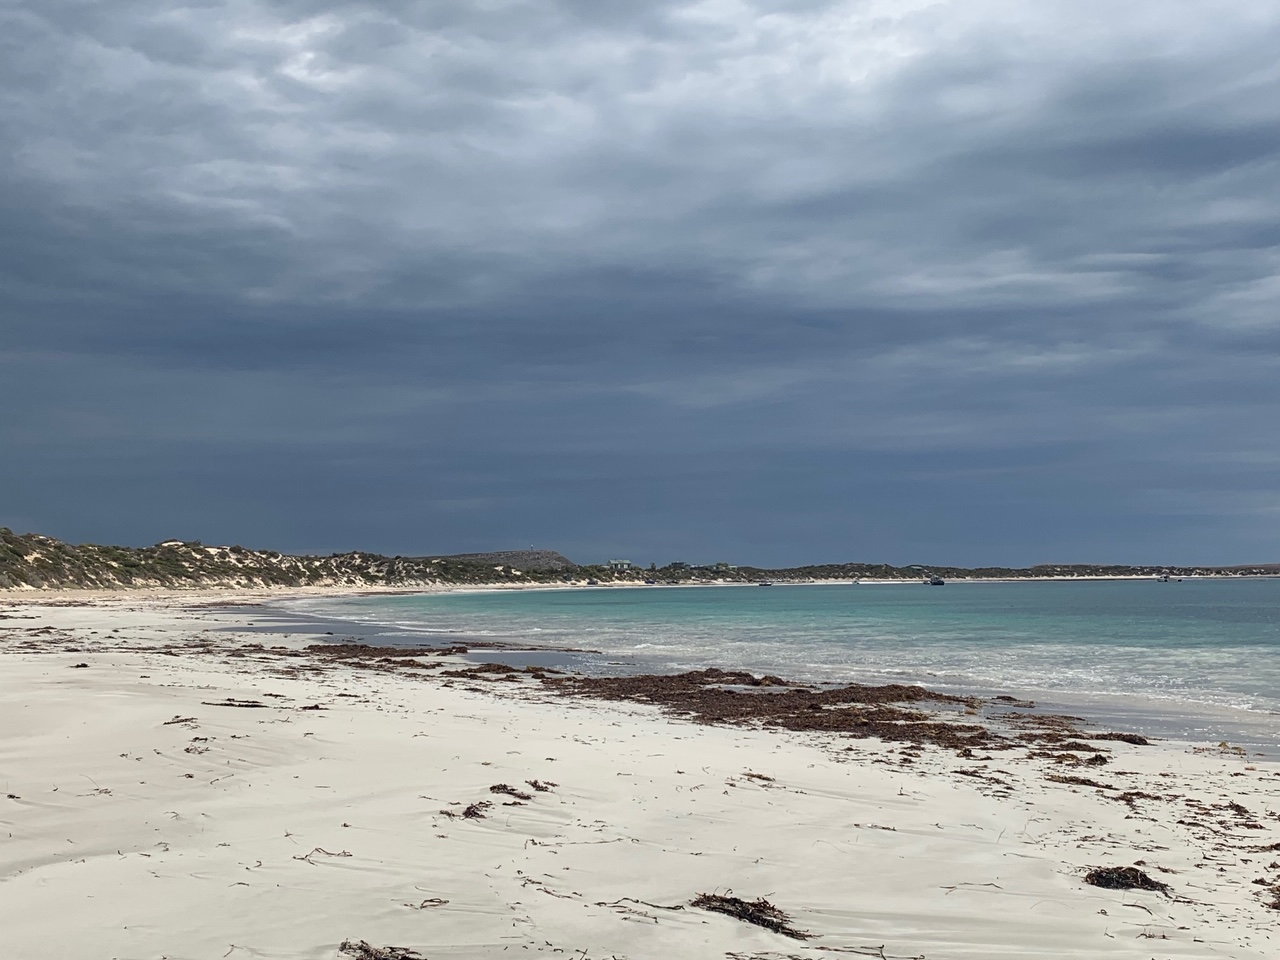 Pondalowie Bay, South Australia